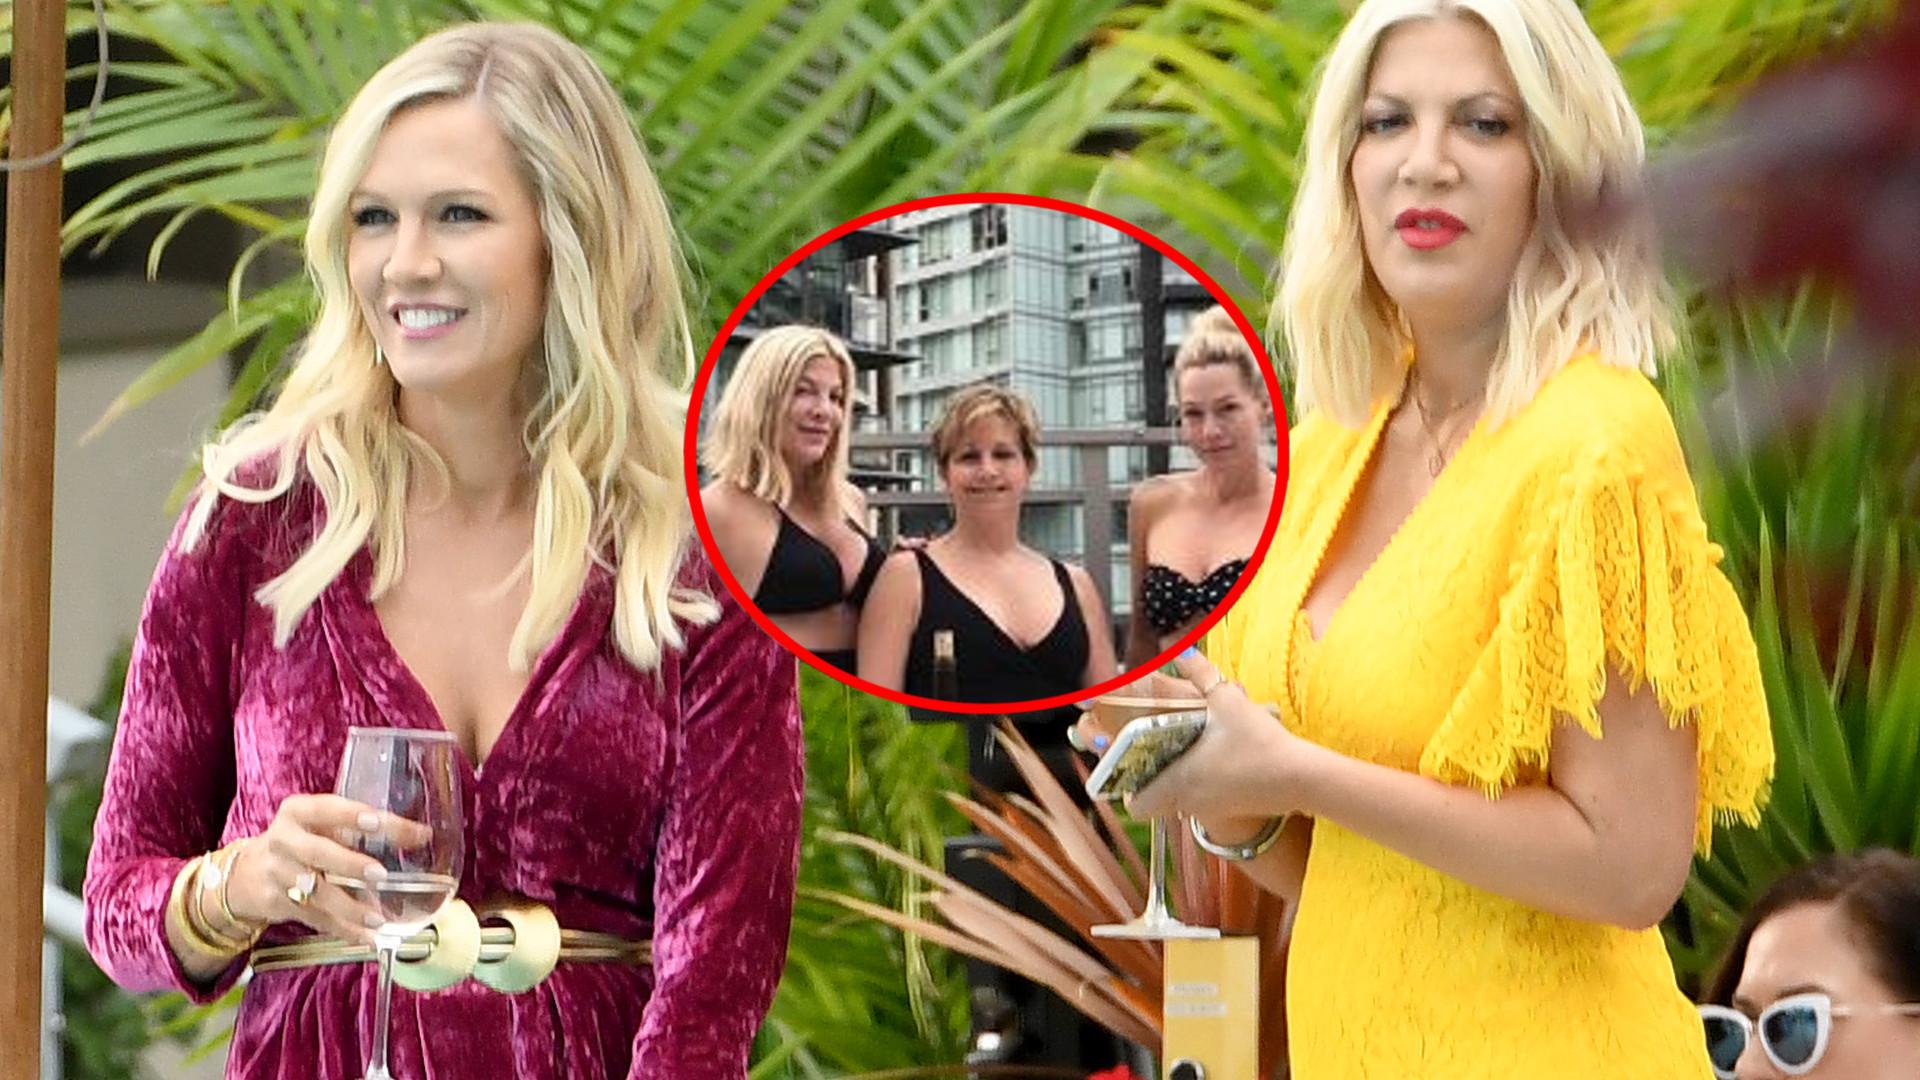 WOW! Tori Spelling i Jennie Garth na planie reaktywowanego Beverly Hills wyglądają ŚWIETNIE! (ZDJĘCIA)